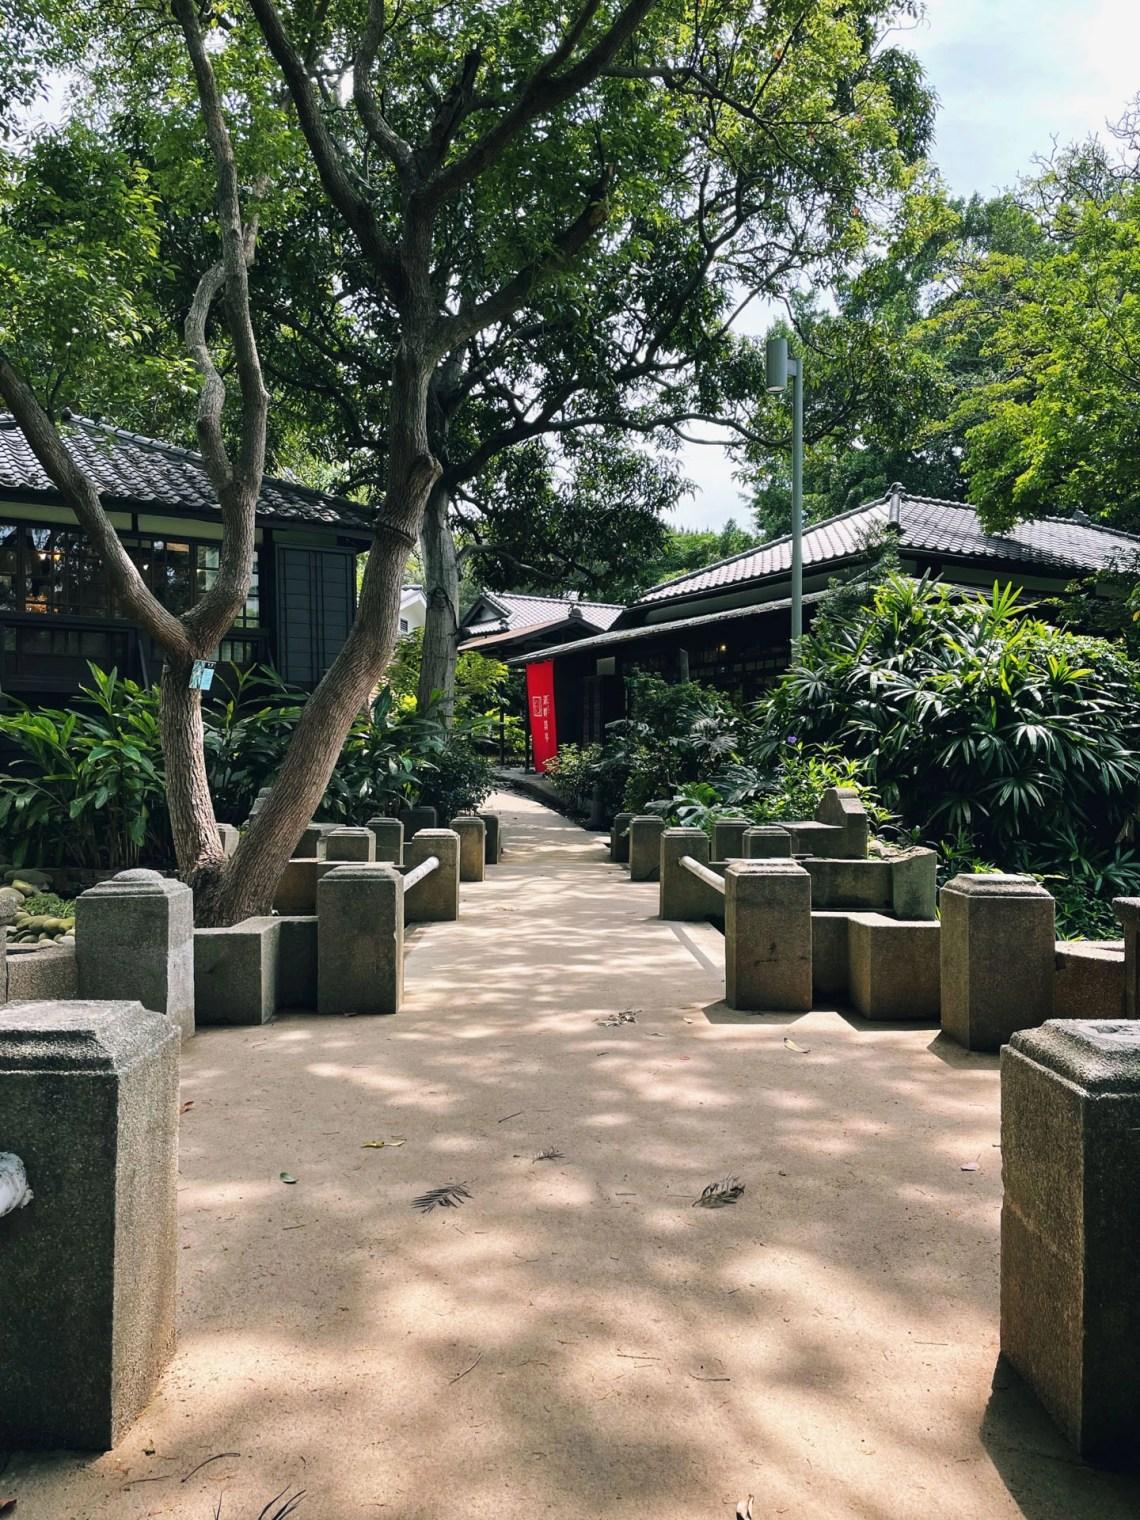 新竹公園的湖畔料亭